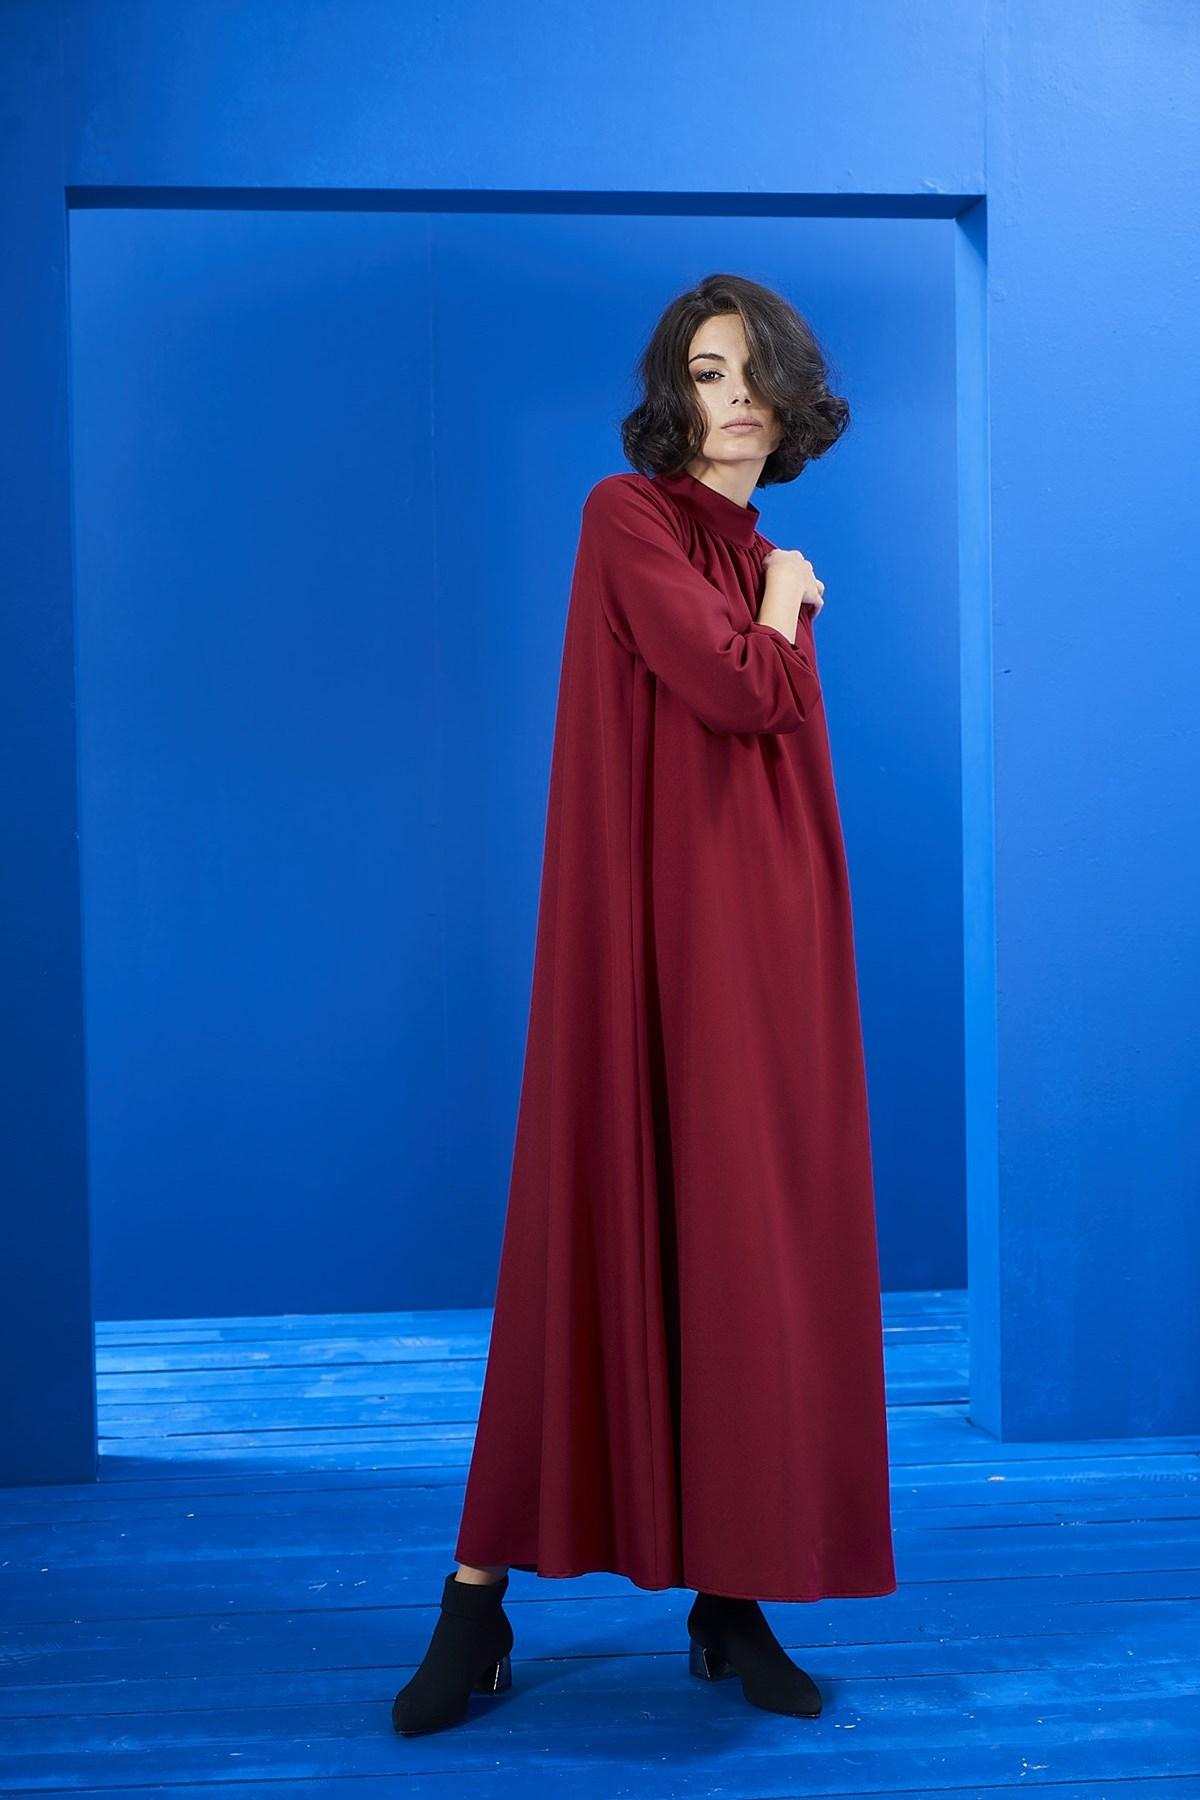 Mevra - Kırmızı Büzgülü Elbise